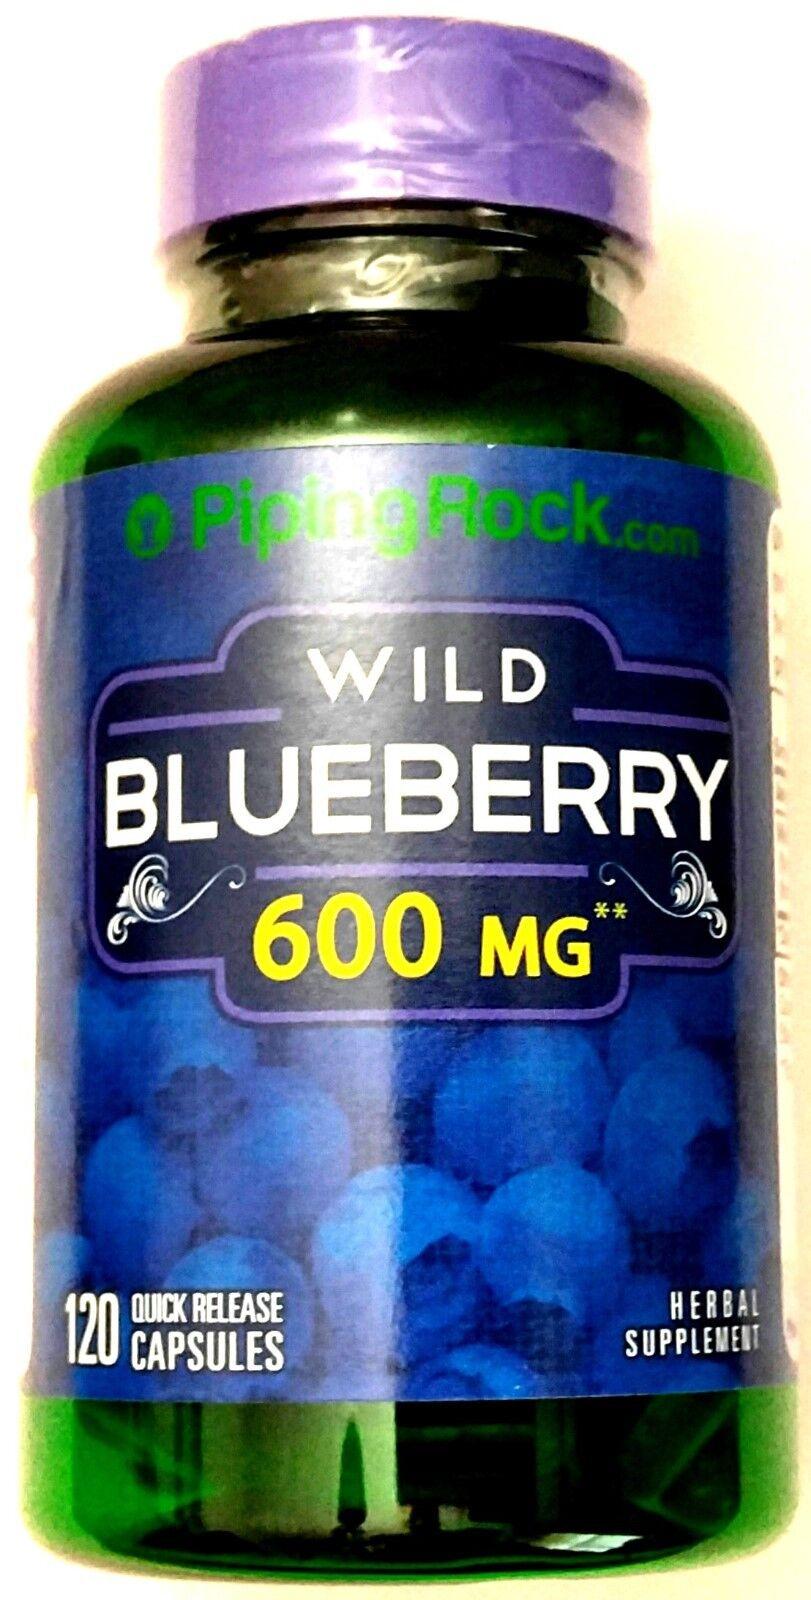 Extrait de fruit de myrtille sauvage 5- 1 de 600mg pilule de supplément antioxydant de 120 capsules